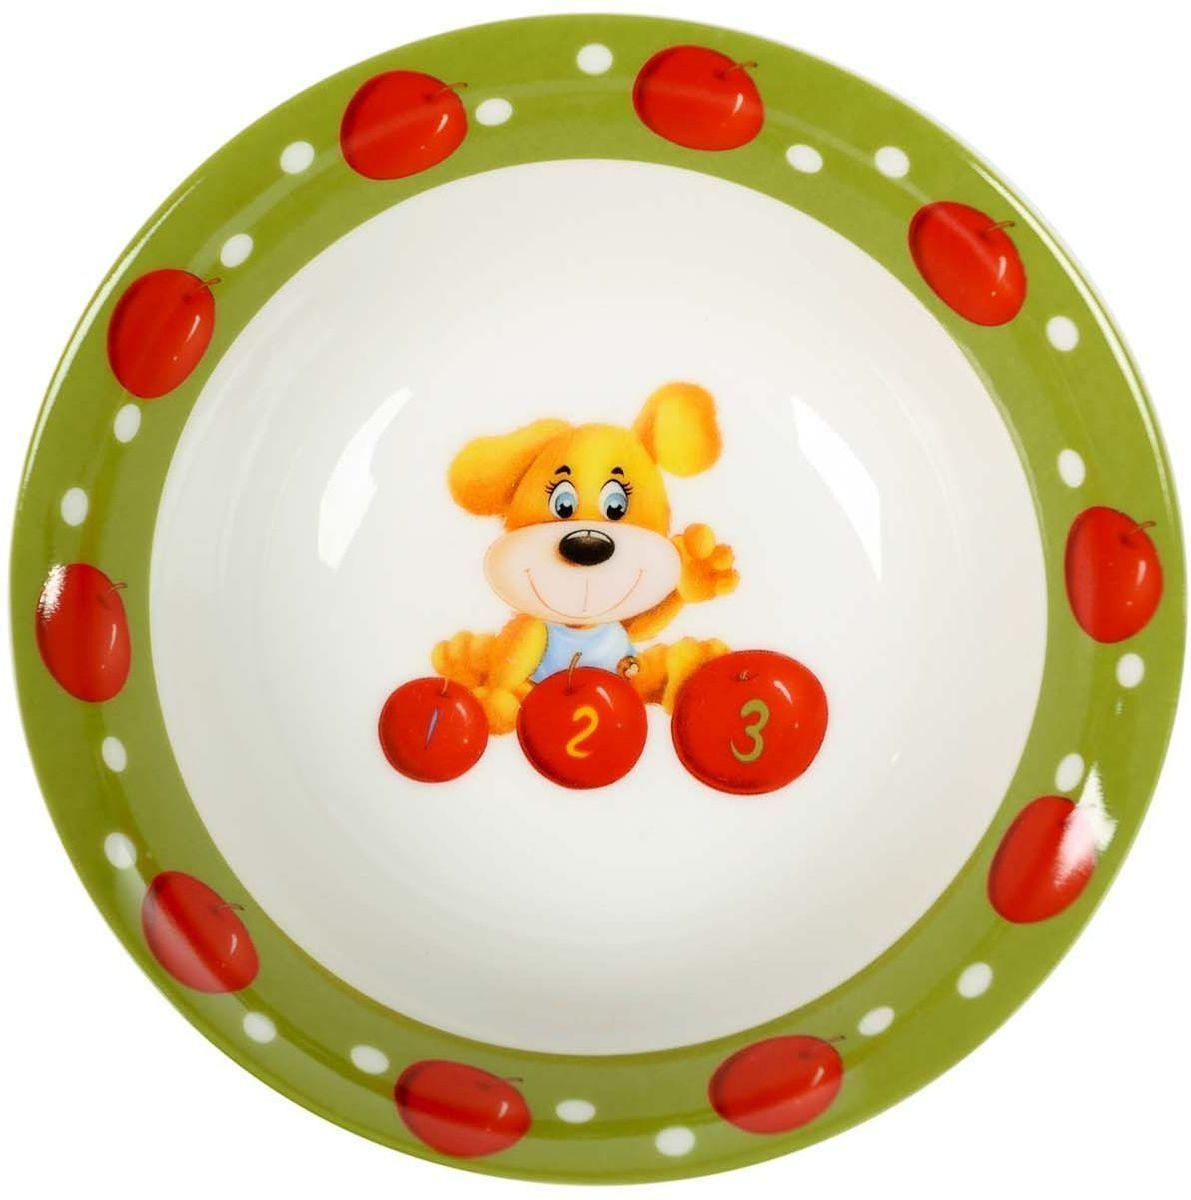 Набор детской посуды Elff Decor, 3 пердмета115610Набор детск.посуды из коллекции Весёлая кухня сделан из абсолютно безопасных материалов- фарфора и керамики и призывает ребёнка с удовольствием подходить к приёму пищи, тем самым радуя своих родителей.